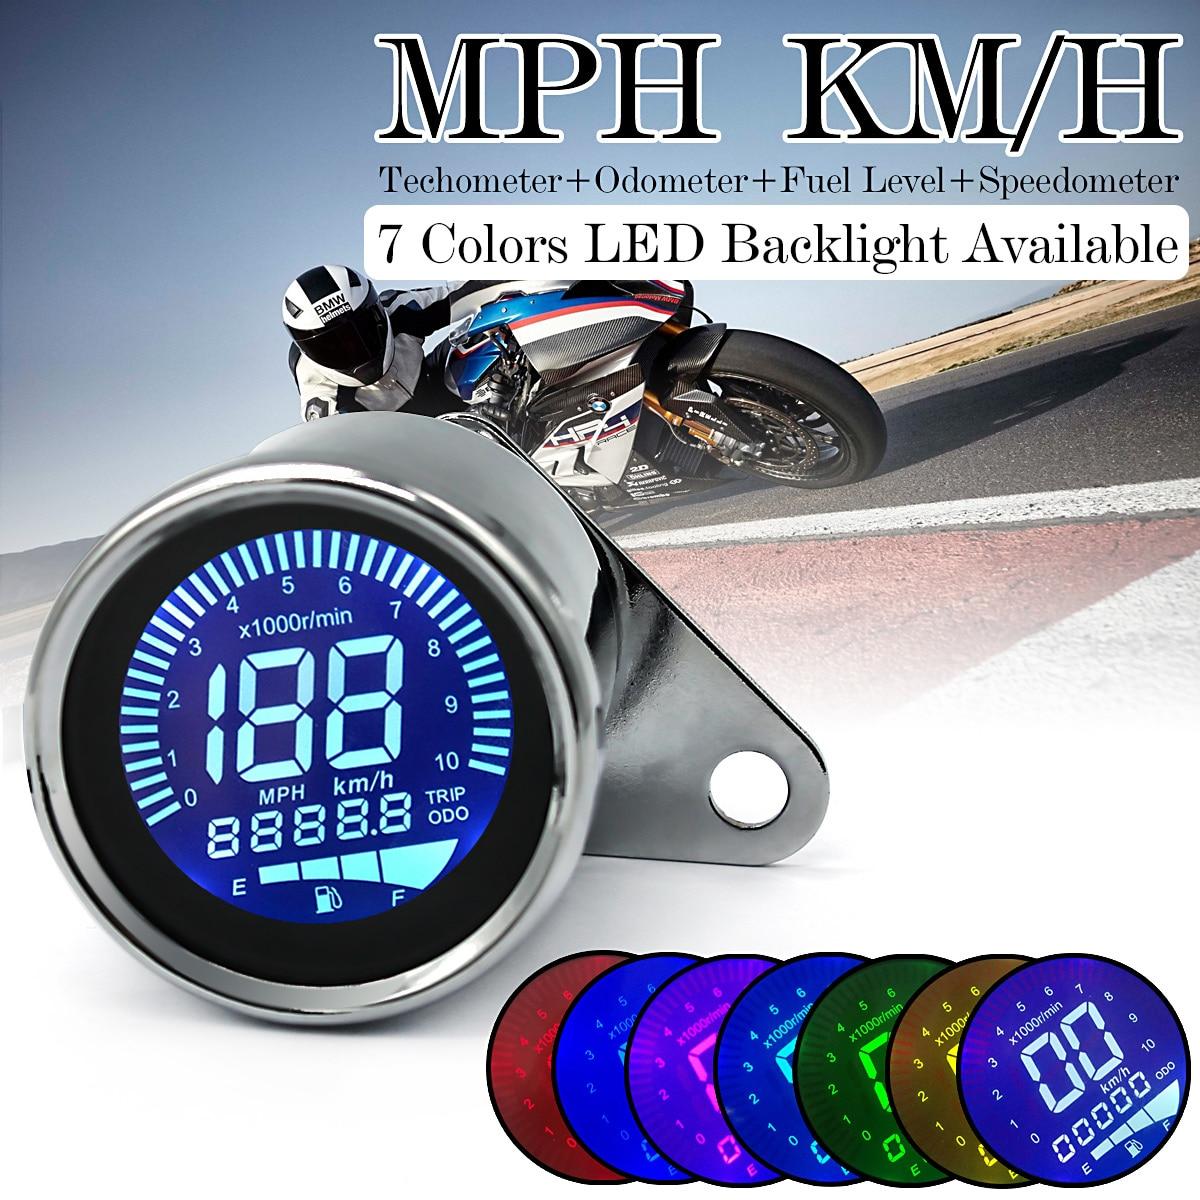 Universal Chrome/Black Motorbike Instrument Display Oil Level Meter LCD Gauge Tachometer Motorcycle Digital Speedometer